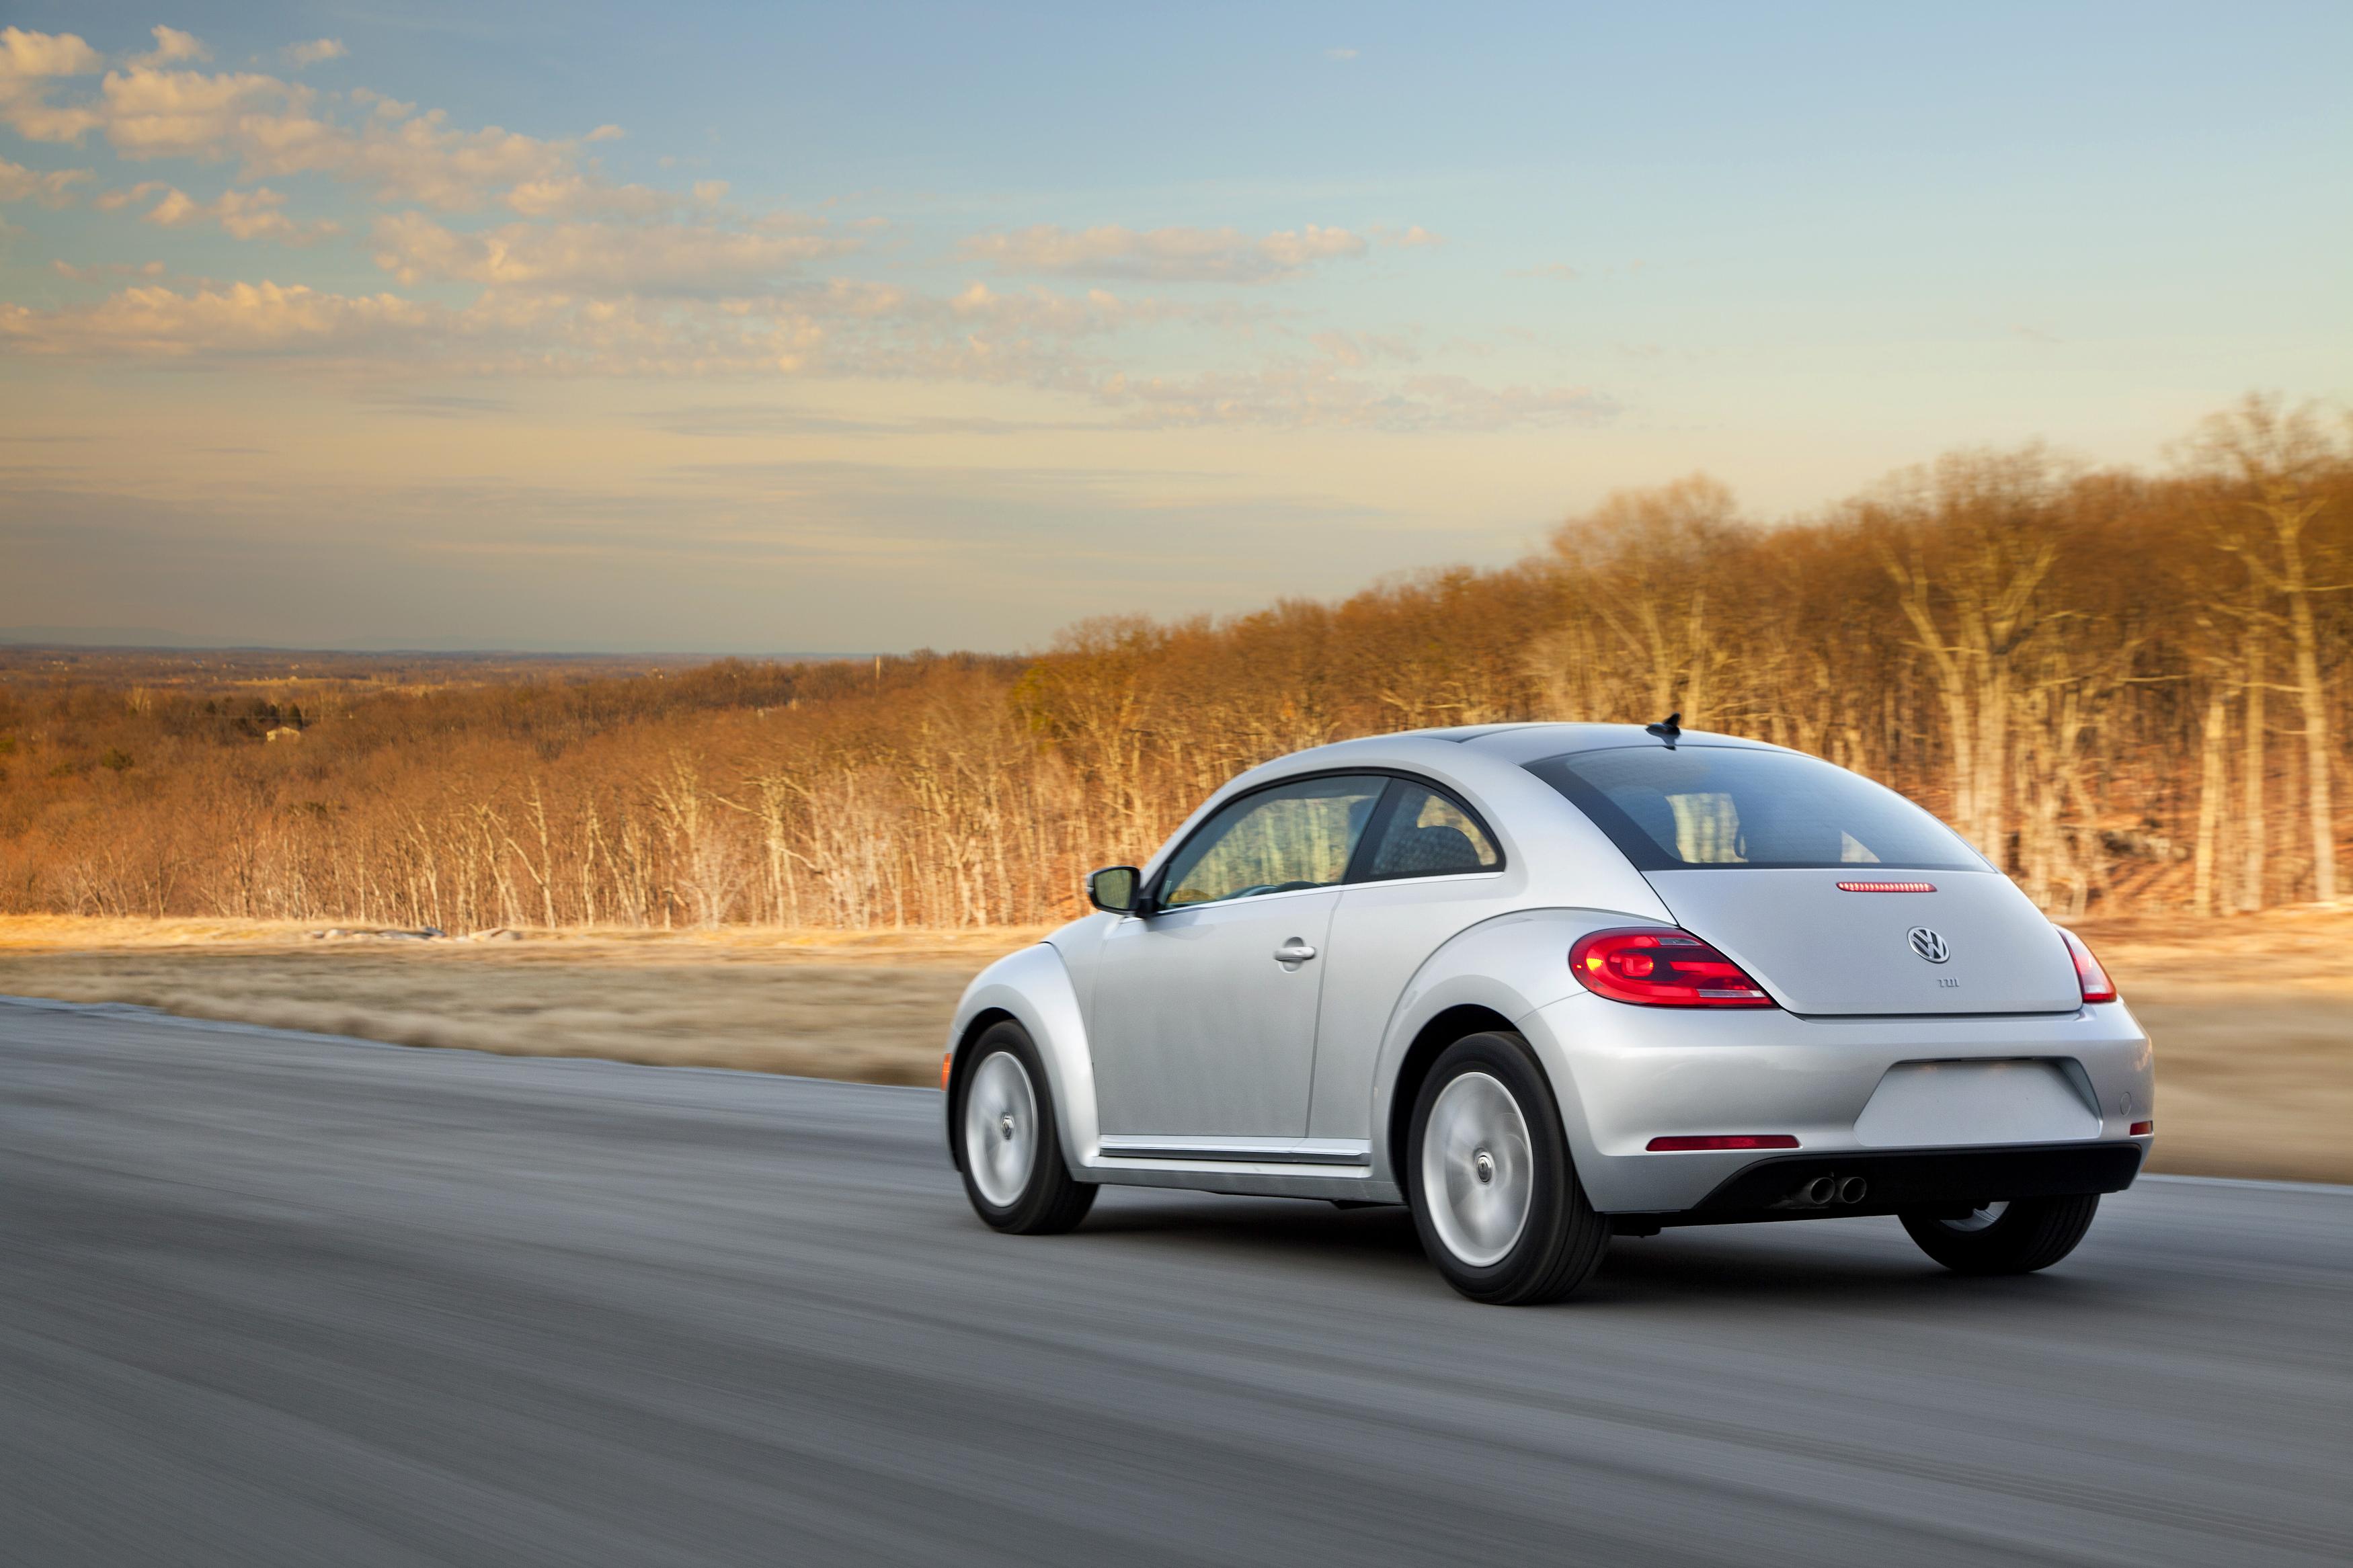 volkswagen-beetle-tdi-027